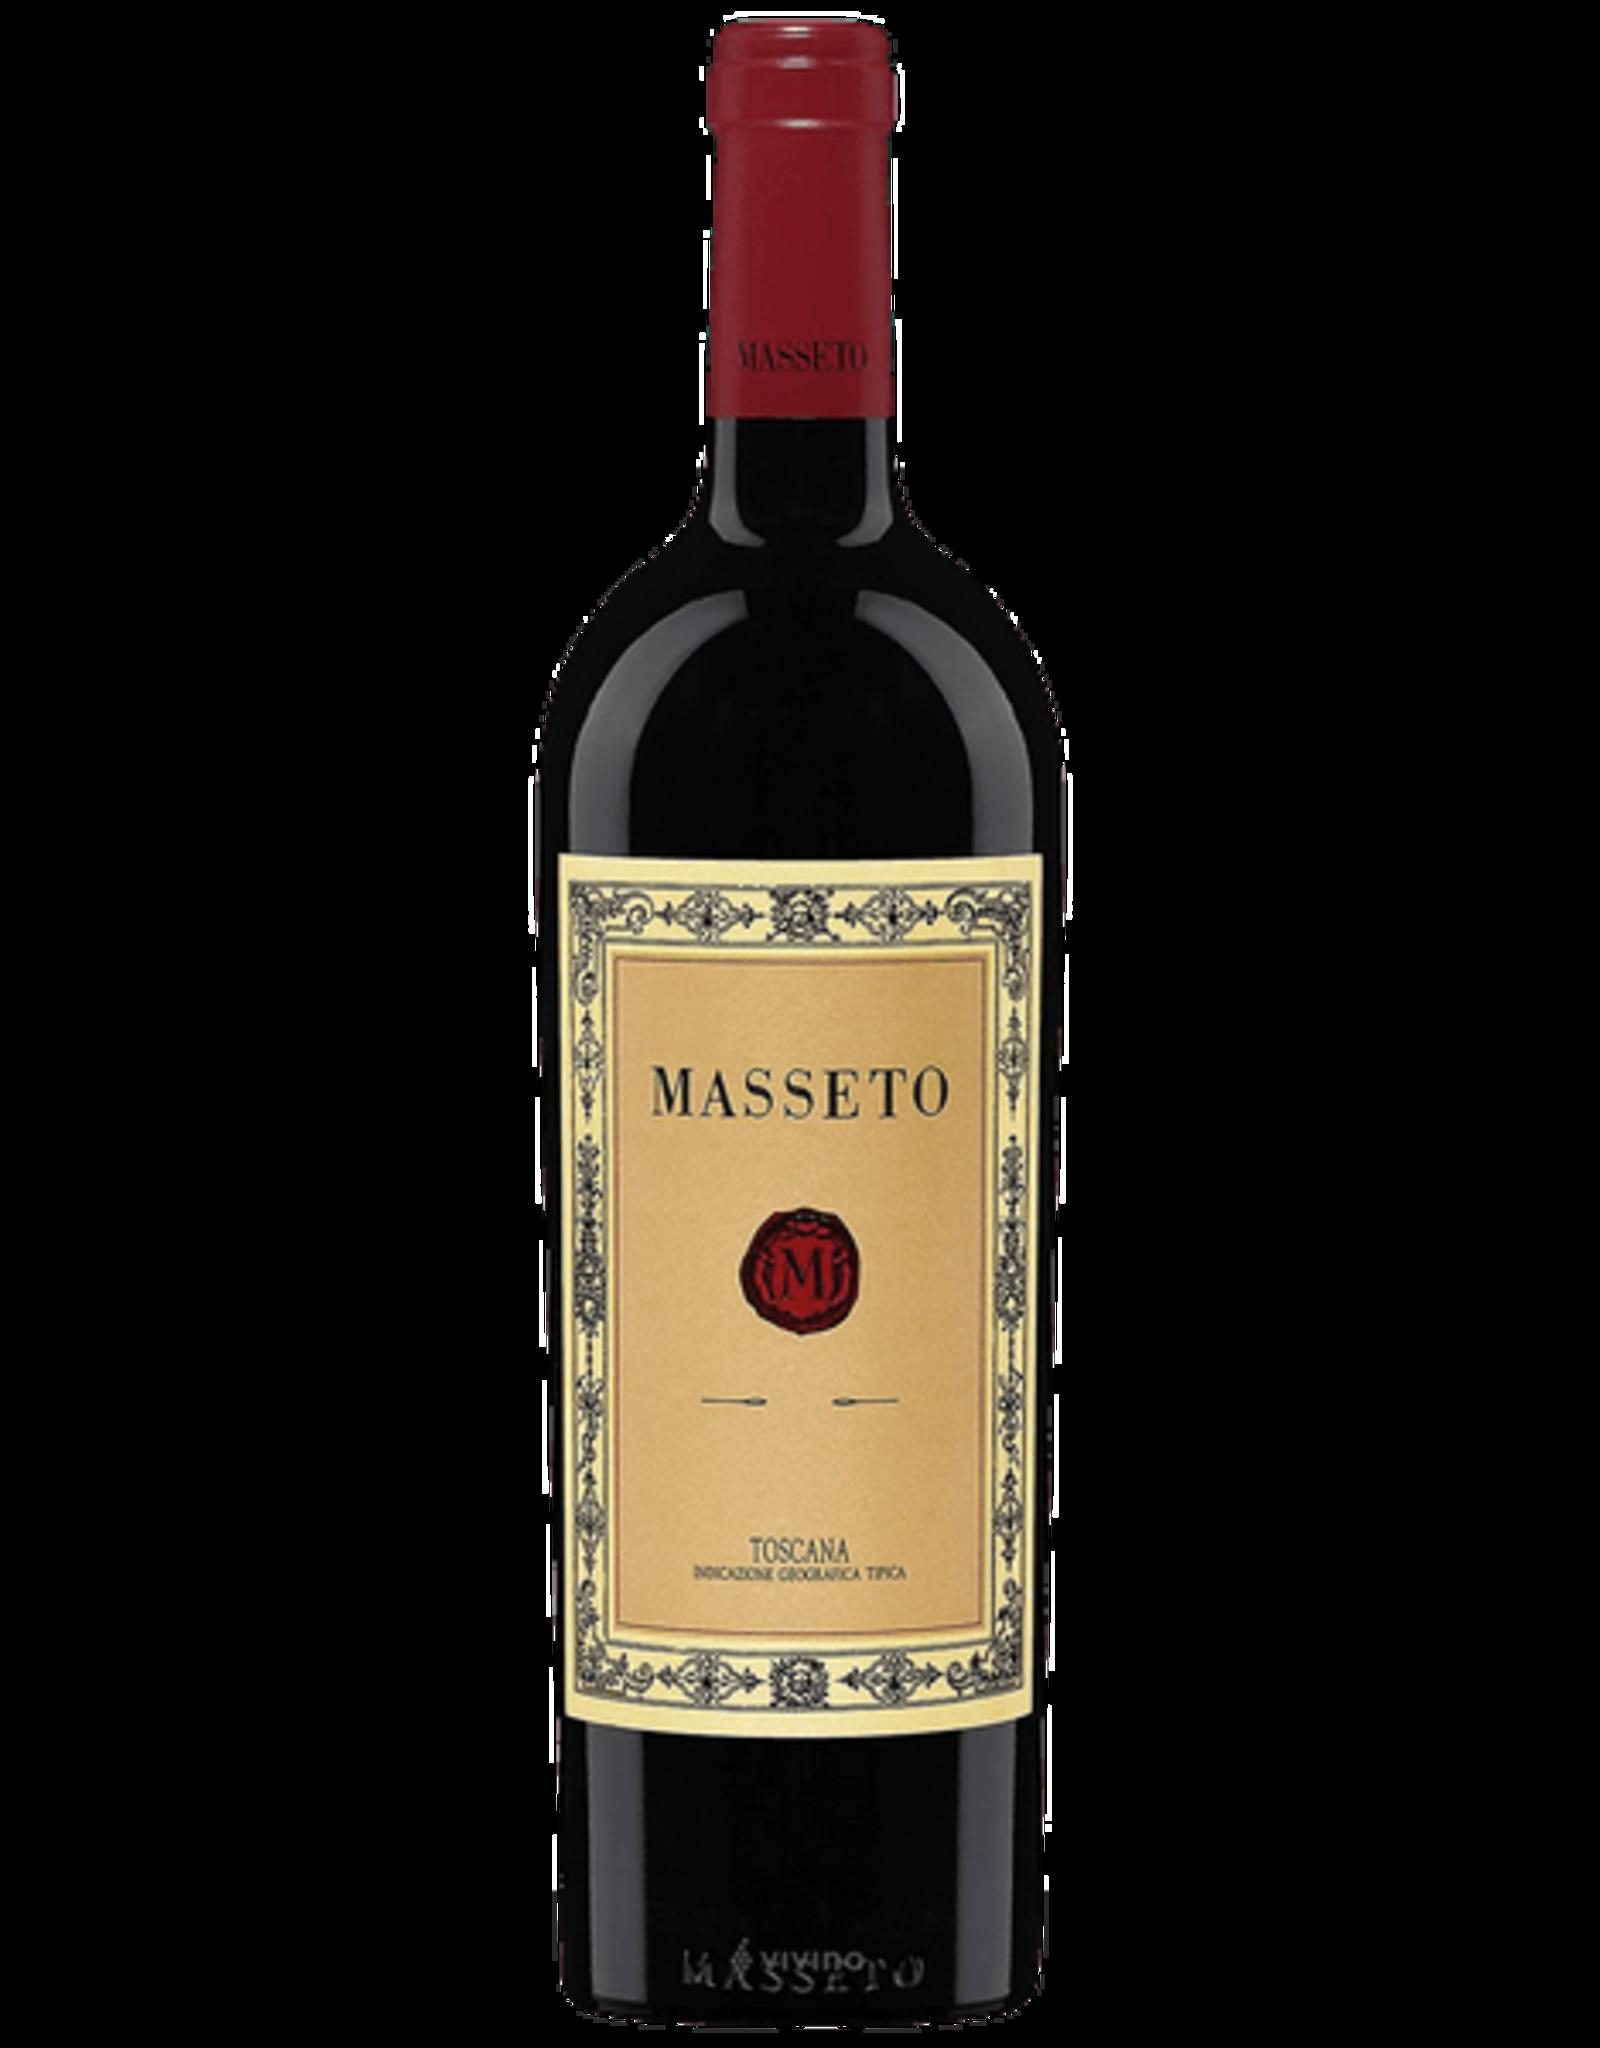 Masseto Toscana 2017